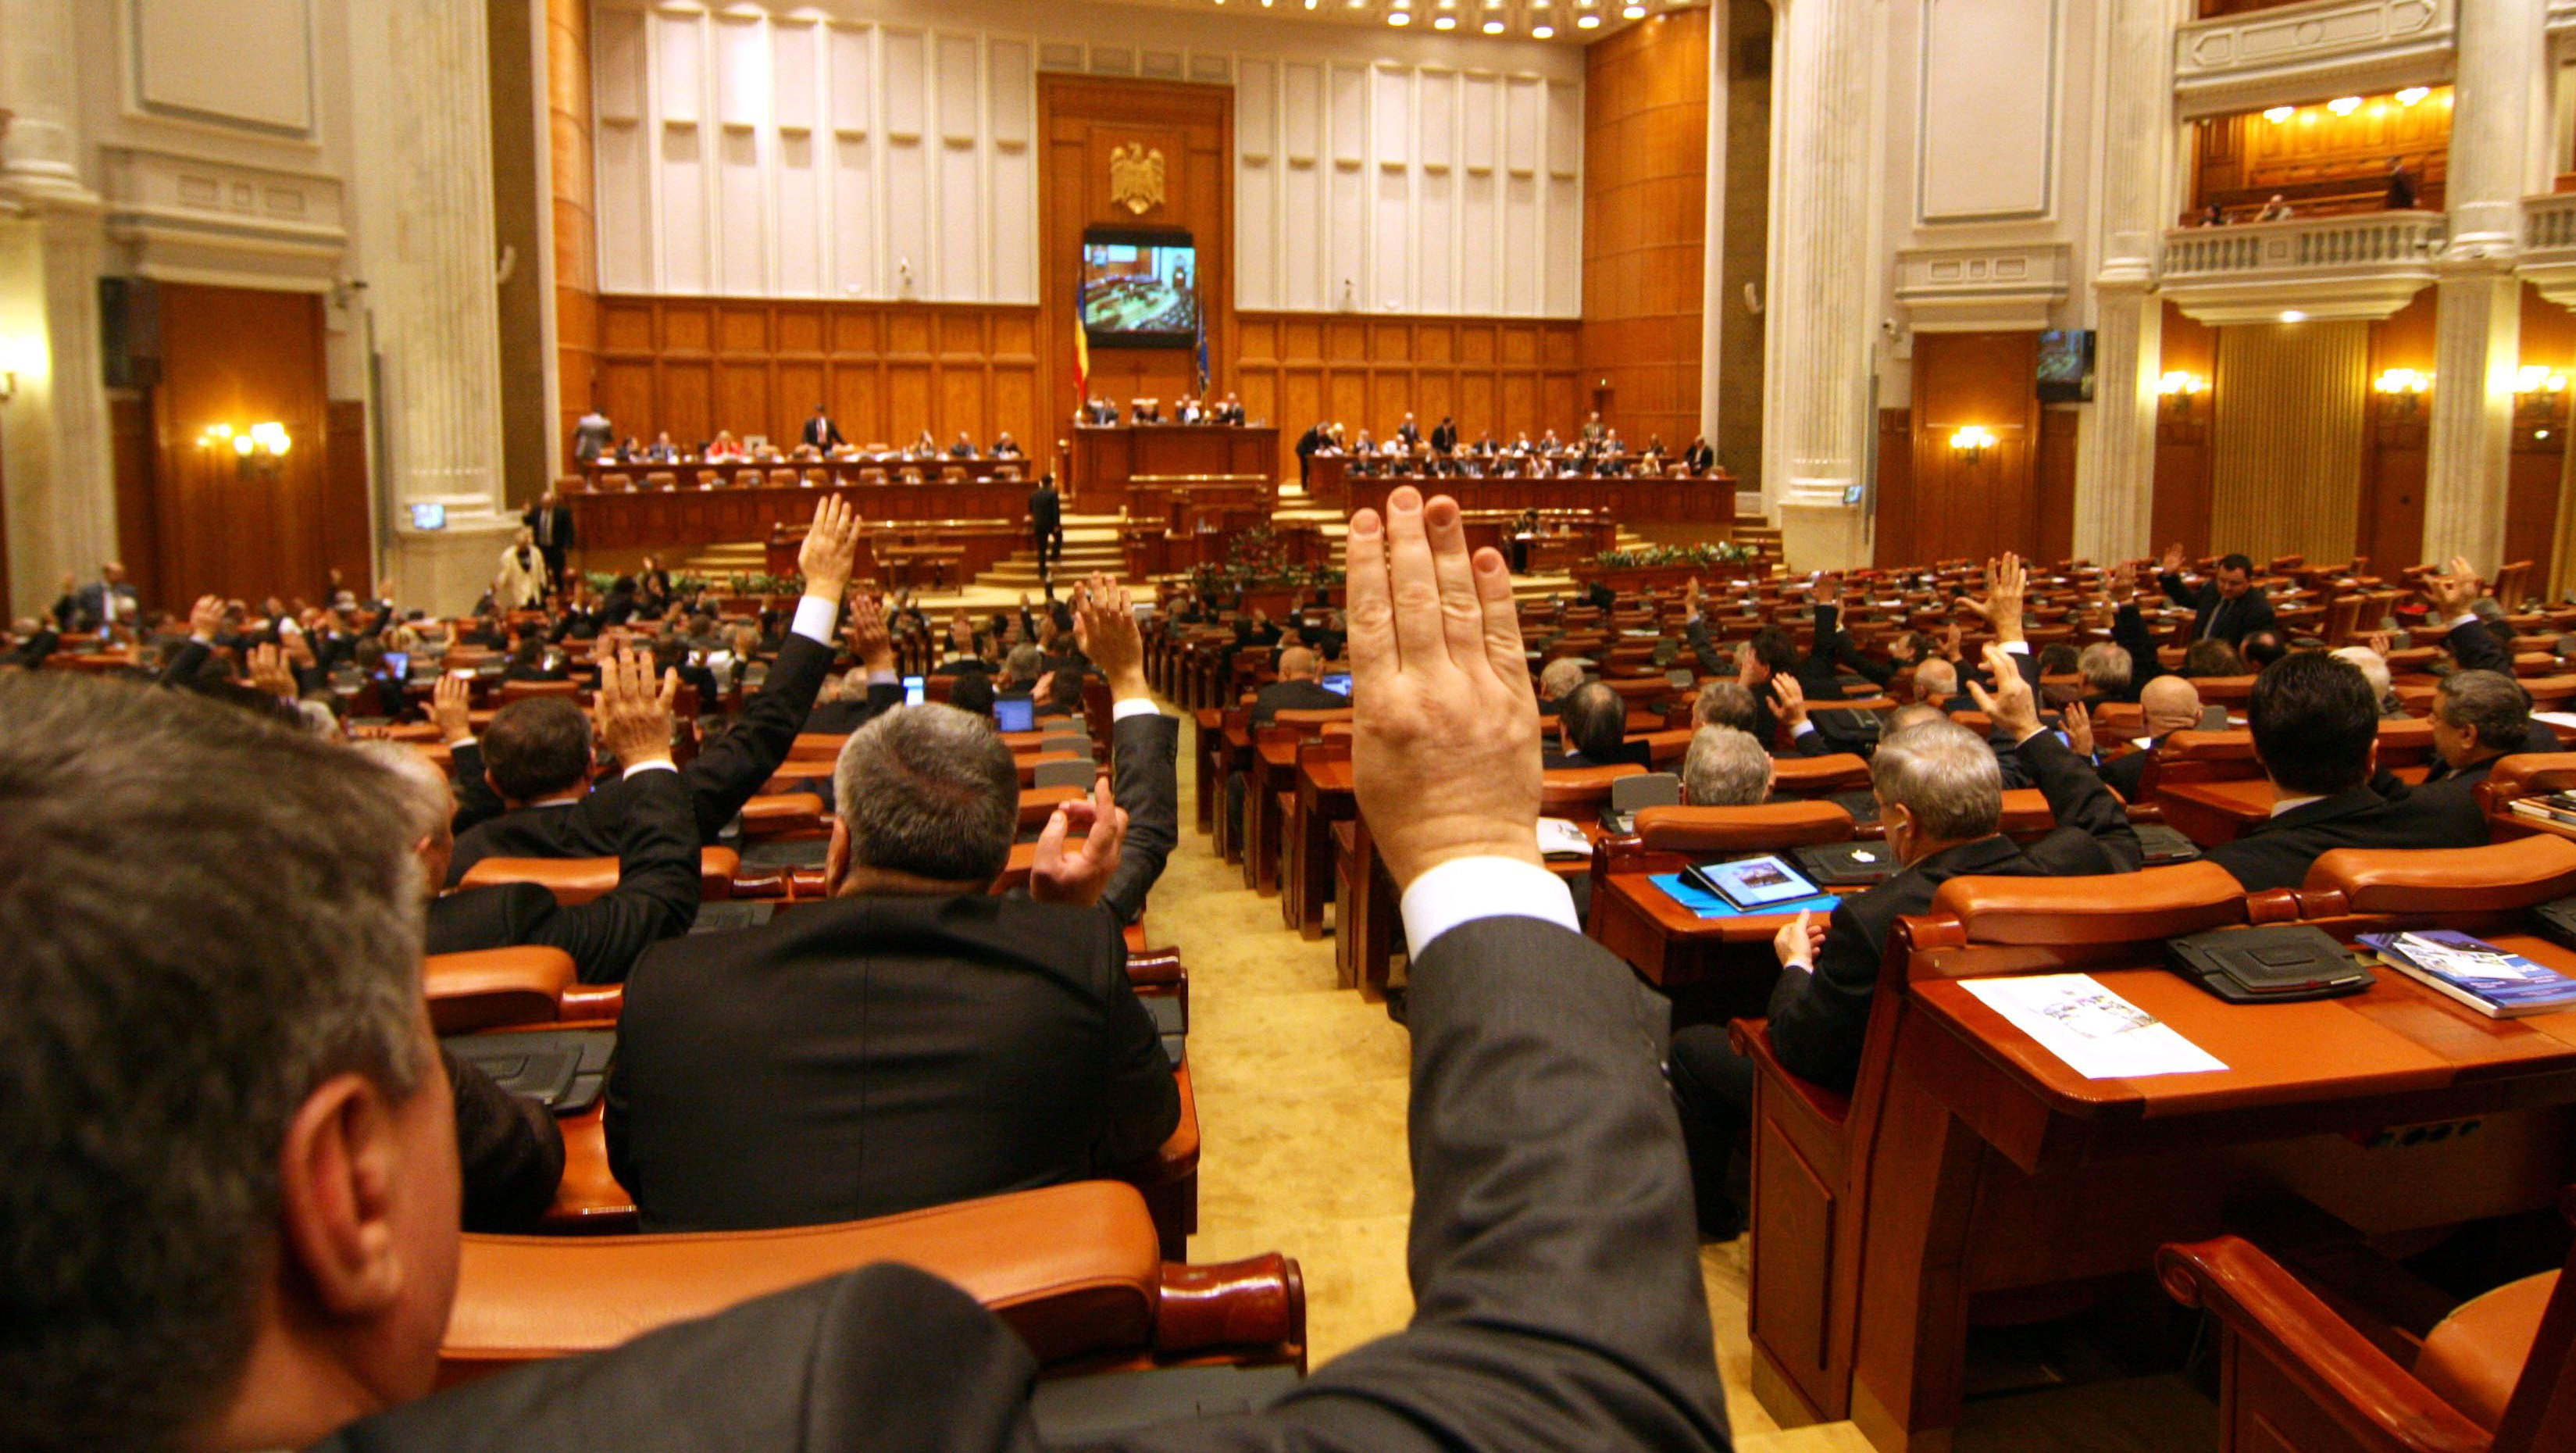 Proiect de lege care ar putea salva MII DE VIEȚI anual, BLOCAT de peste un an de către cei de la putere